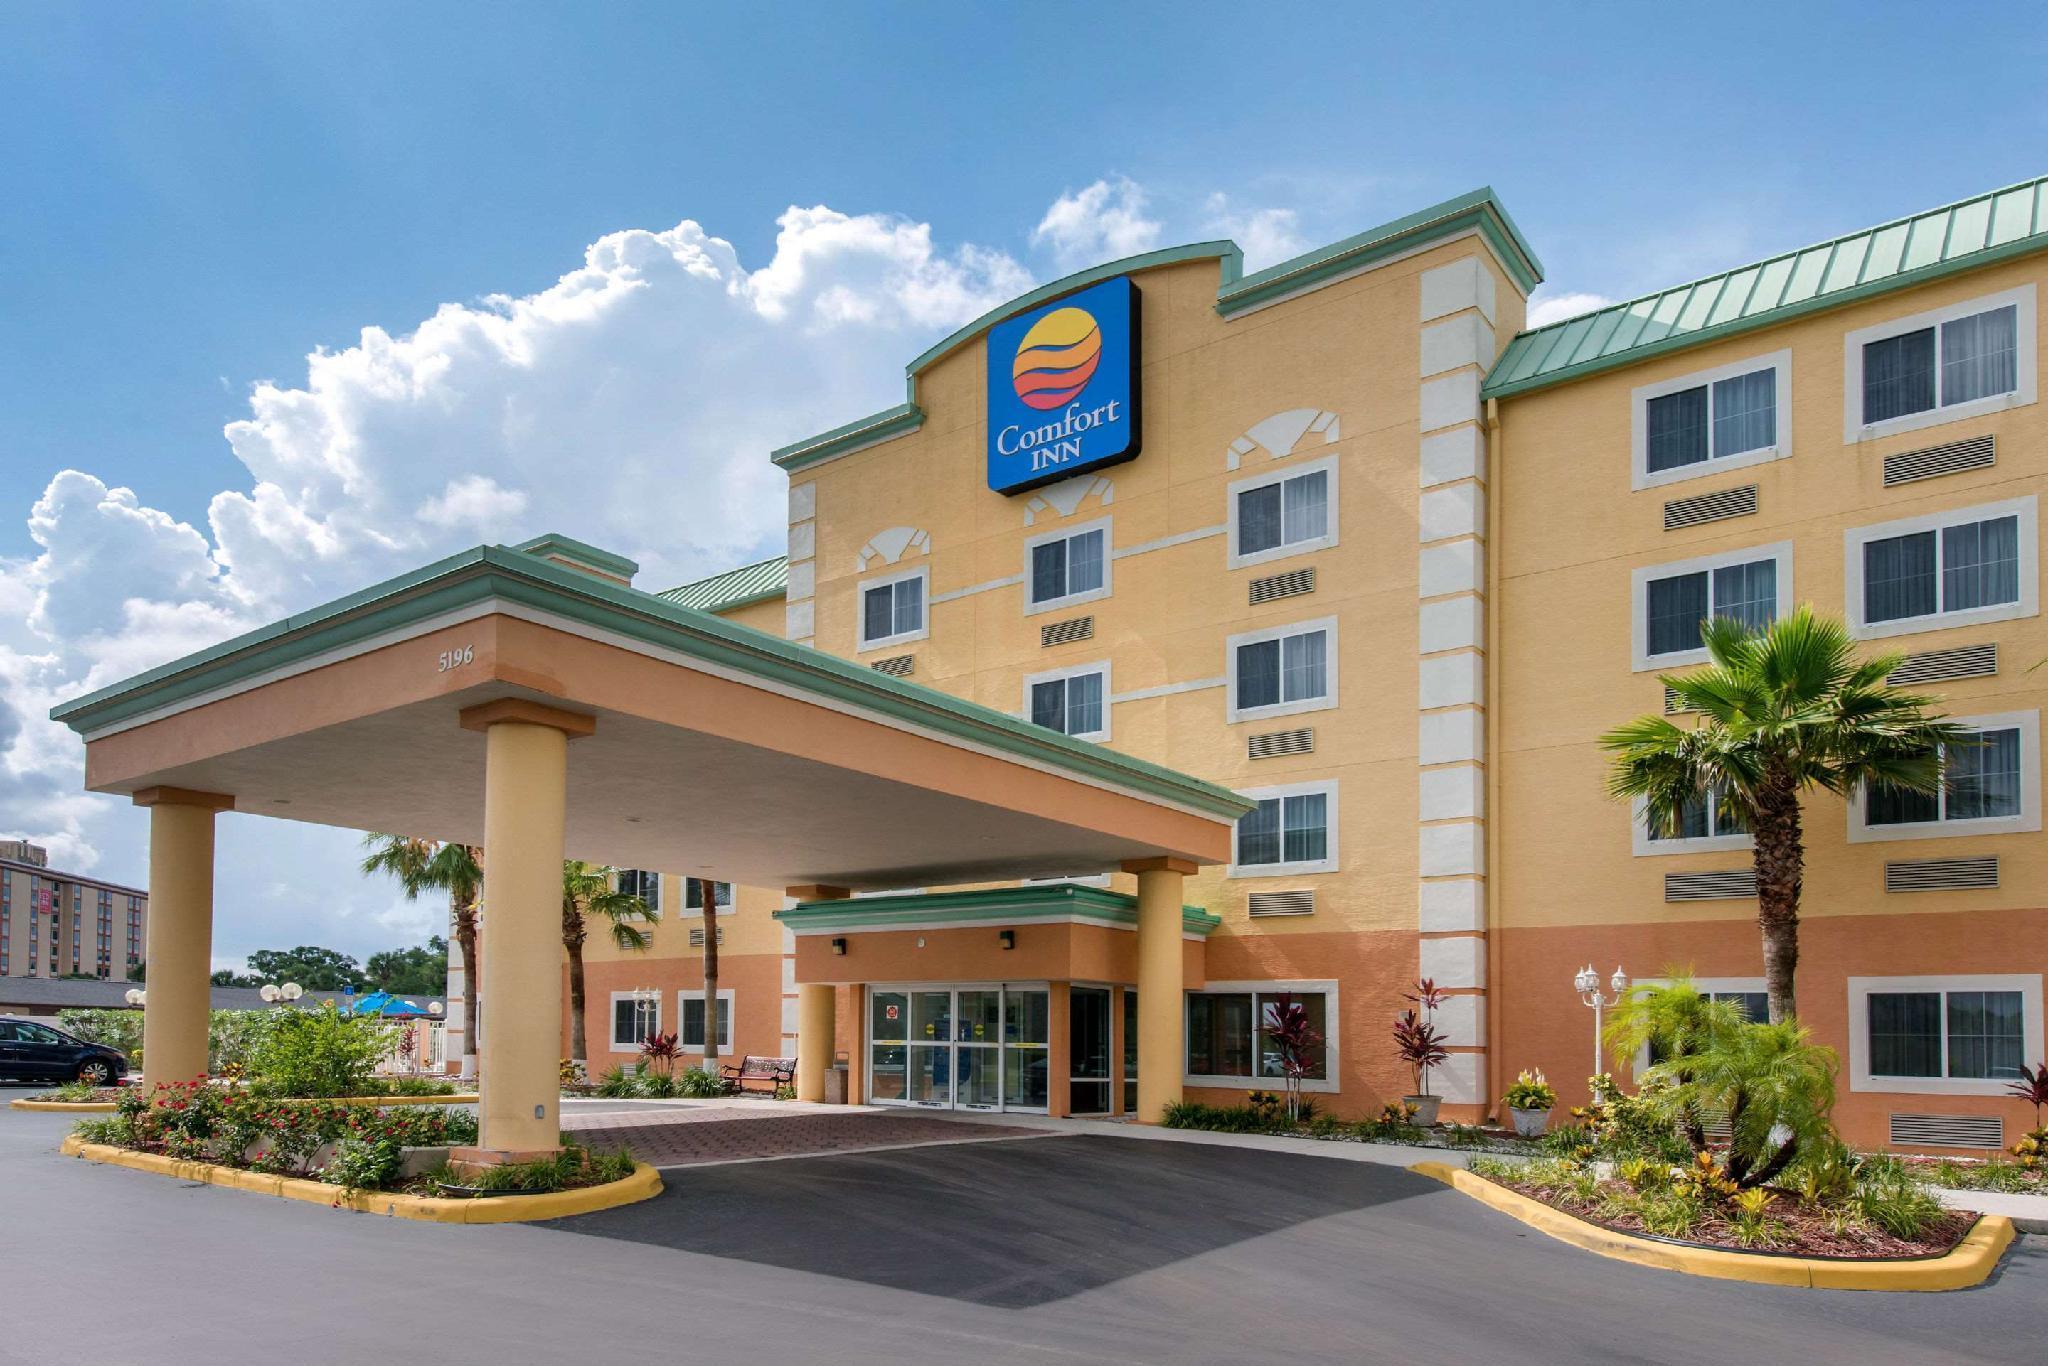 Comfort Inn Kissimmee